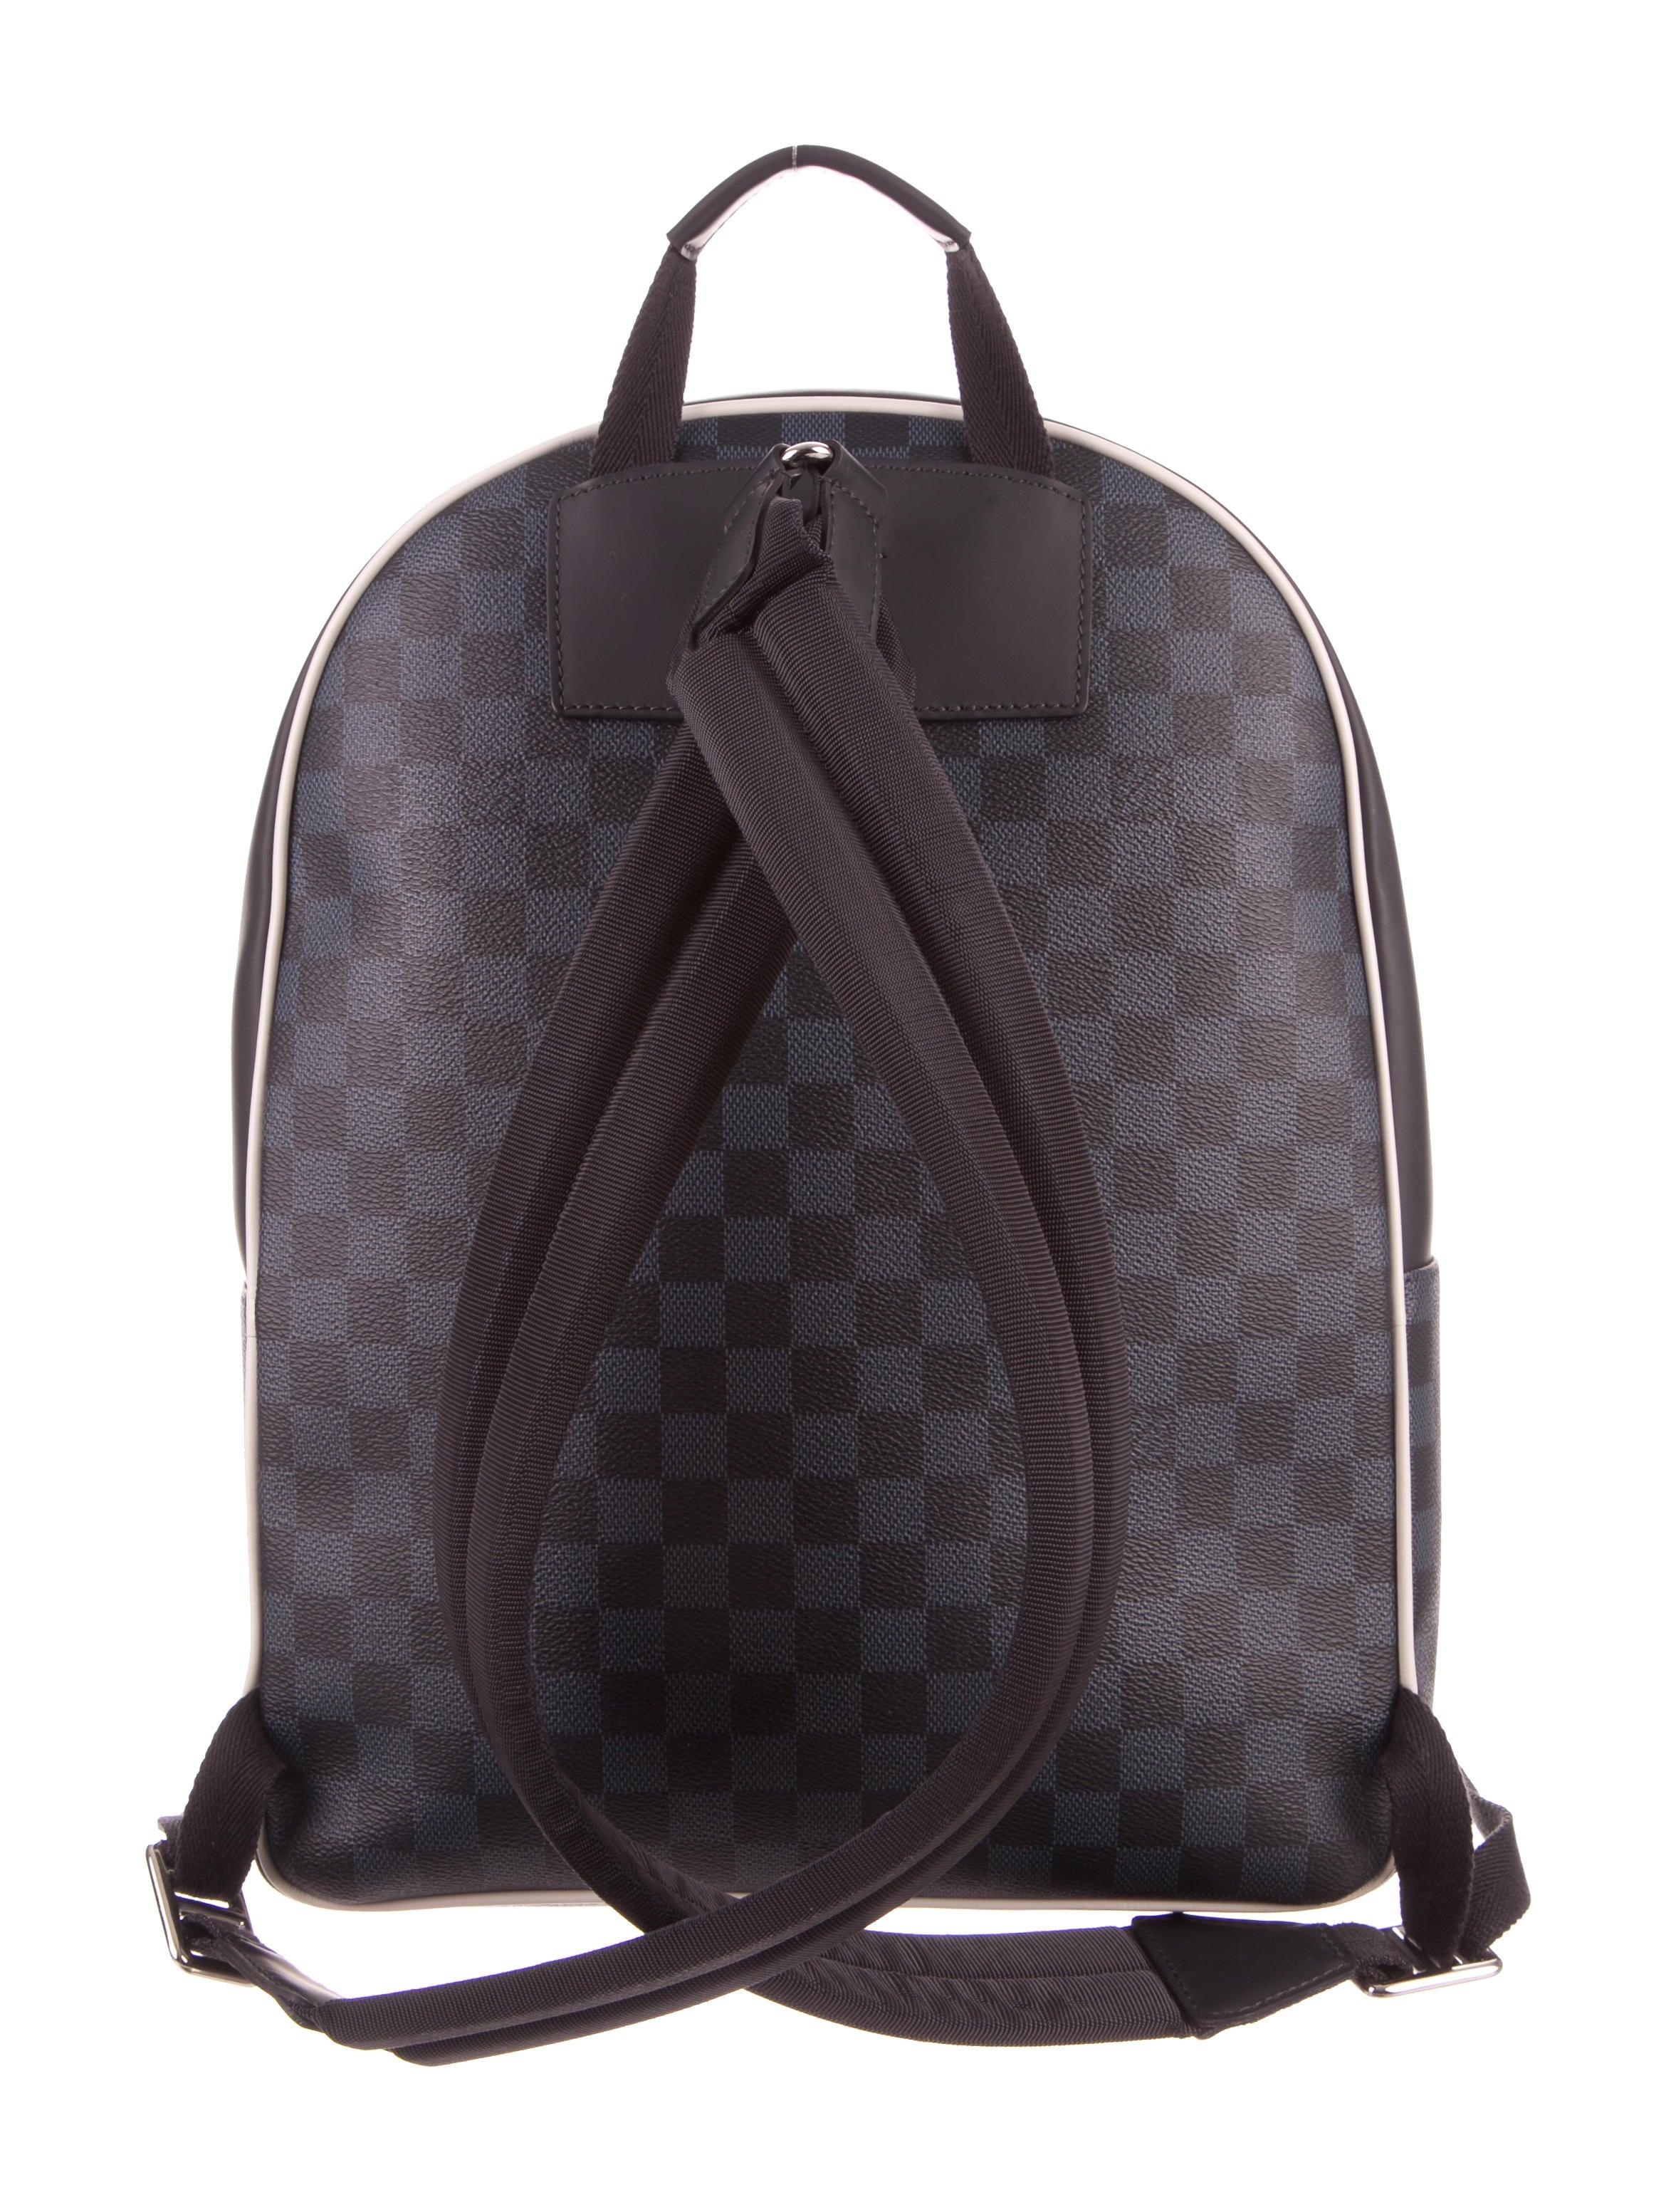 Louis Vuitton Damier Cobalt Regatta Josh Backpack - Bags ...